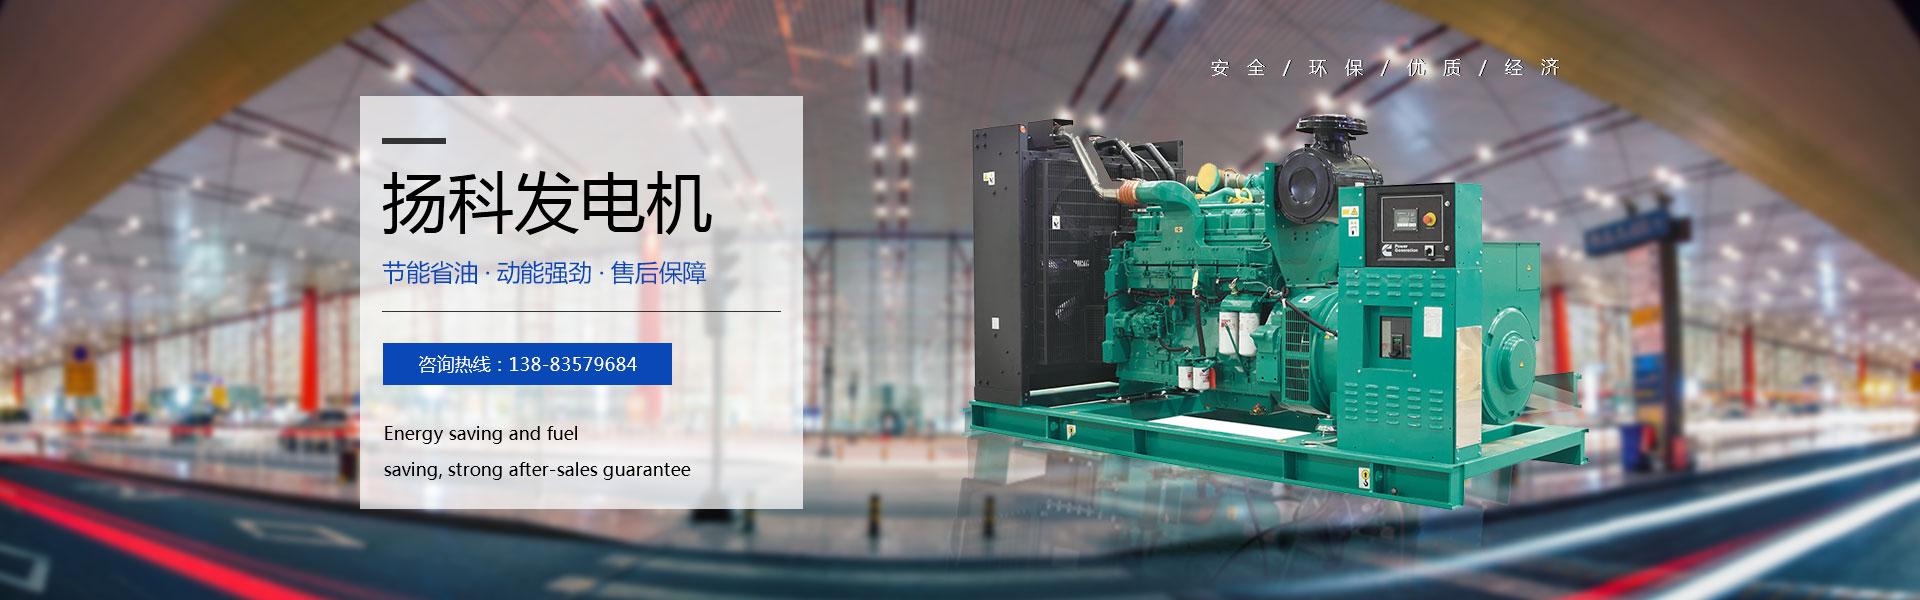 重庆潍柴柴油发电机